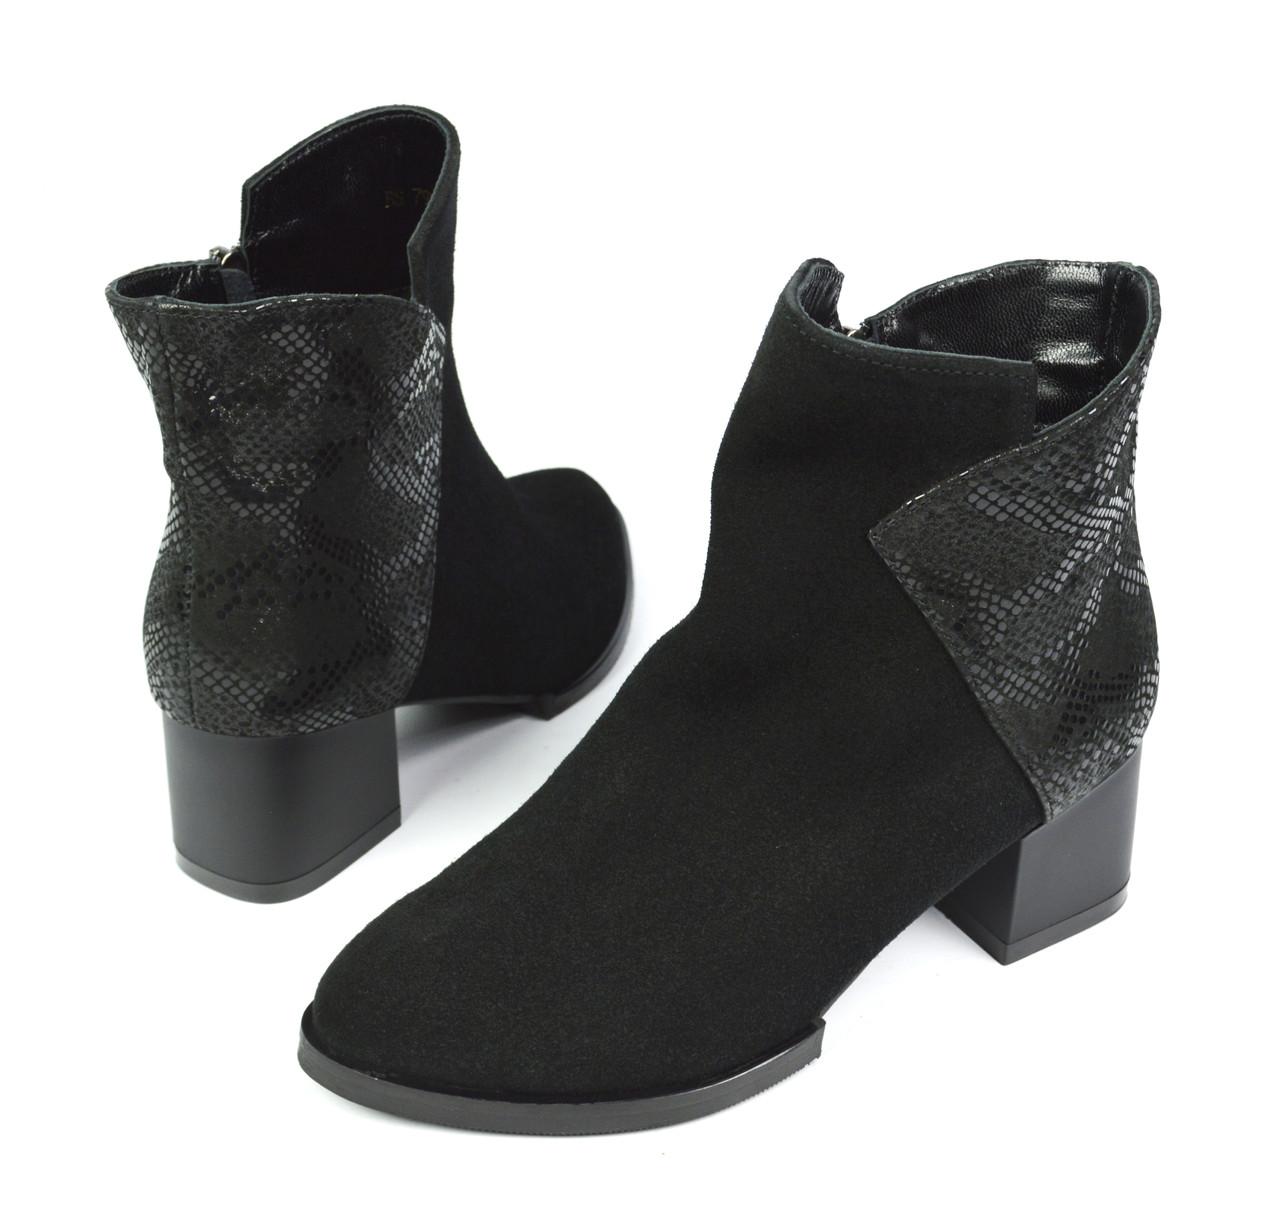 ... Шикарные черные осенние женские замшевые ботинки ARI ANDANO на толстом  каблуке ( новинки весна-осень ... dba063e664f